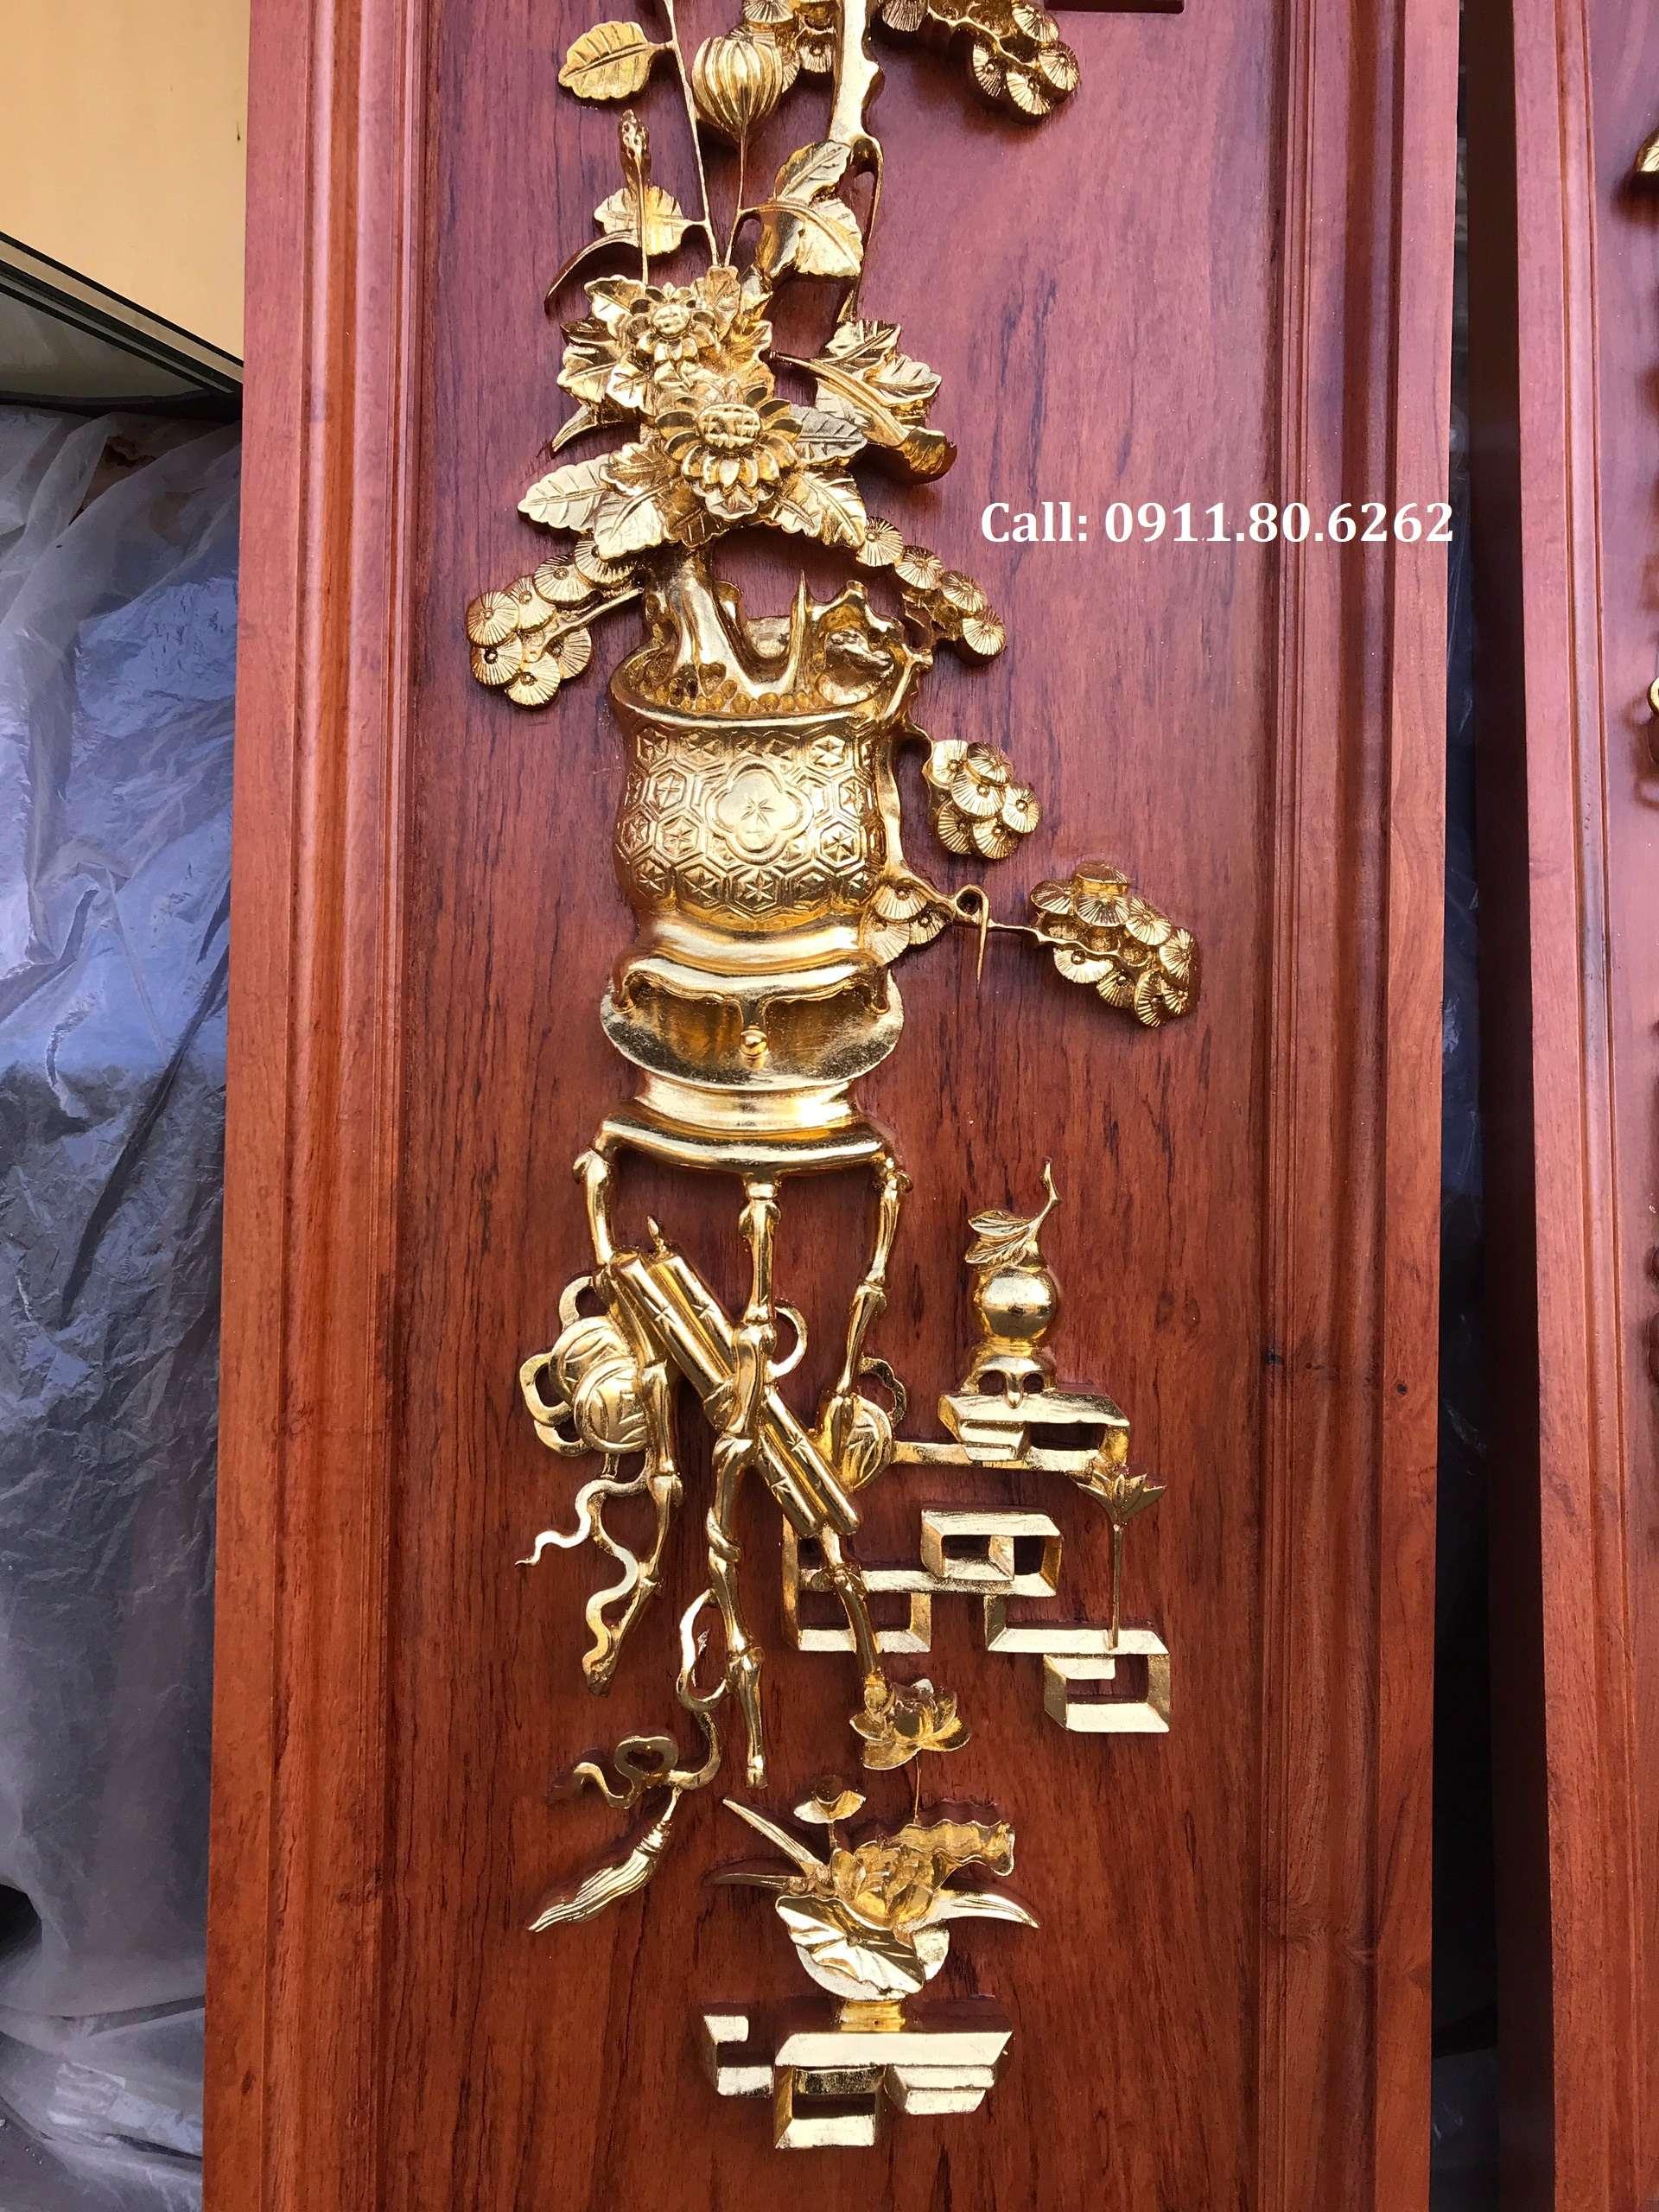 Tranh Tu Binh Son Son Thep Vang 2 - Tranh Tứ Bình Sơn Son Thiếp Vàng MS: 15